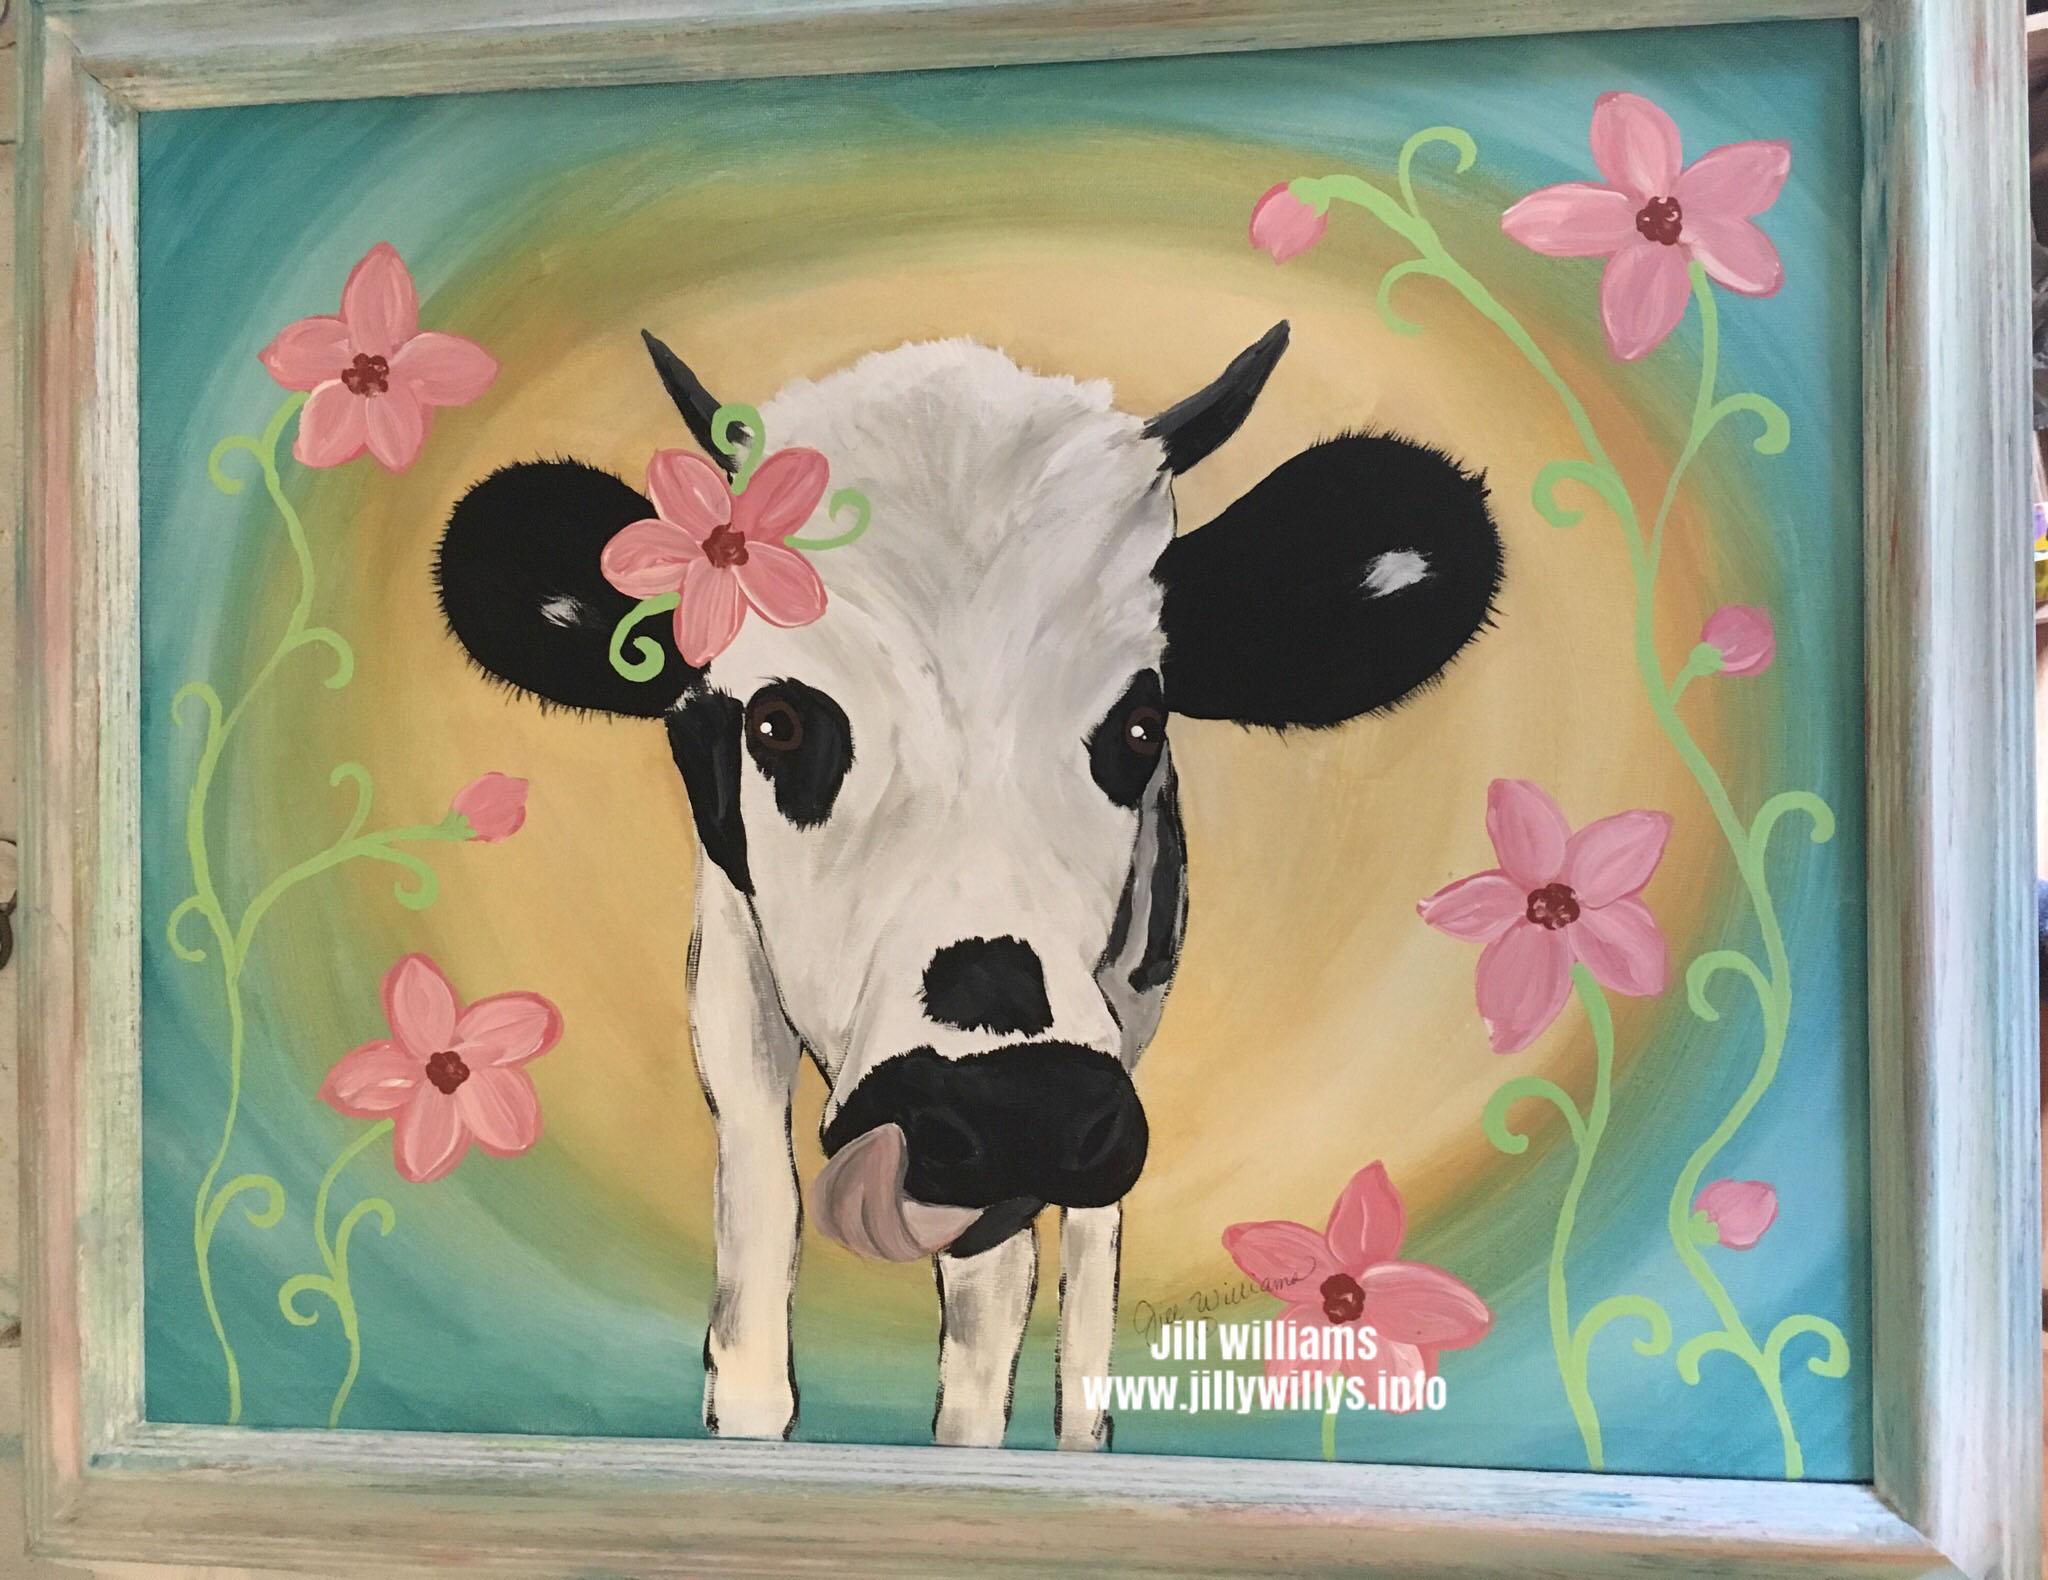 Dazzle - Dazzle the Cow of North GA Zoo and Farm, Cleveland, GA